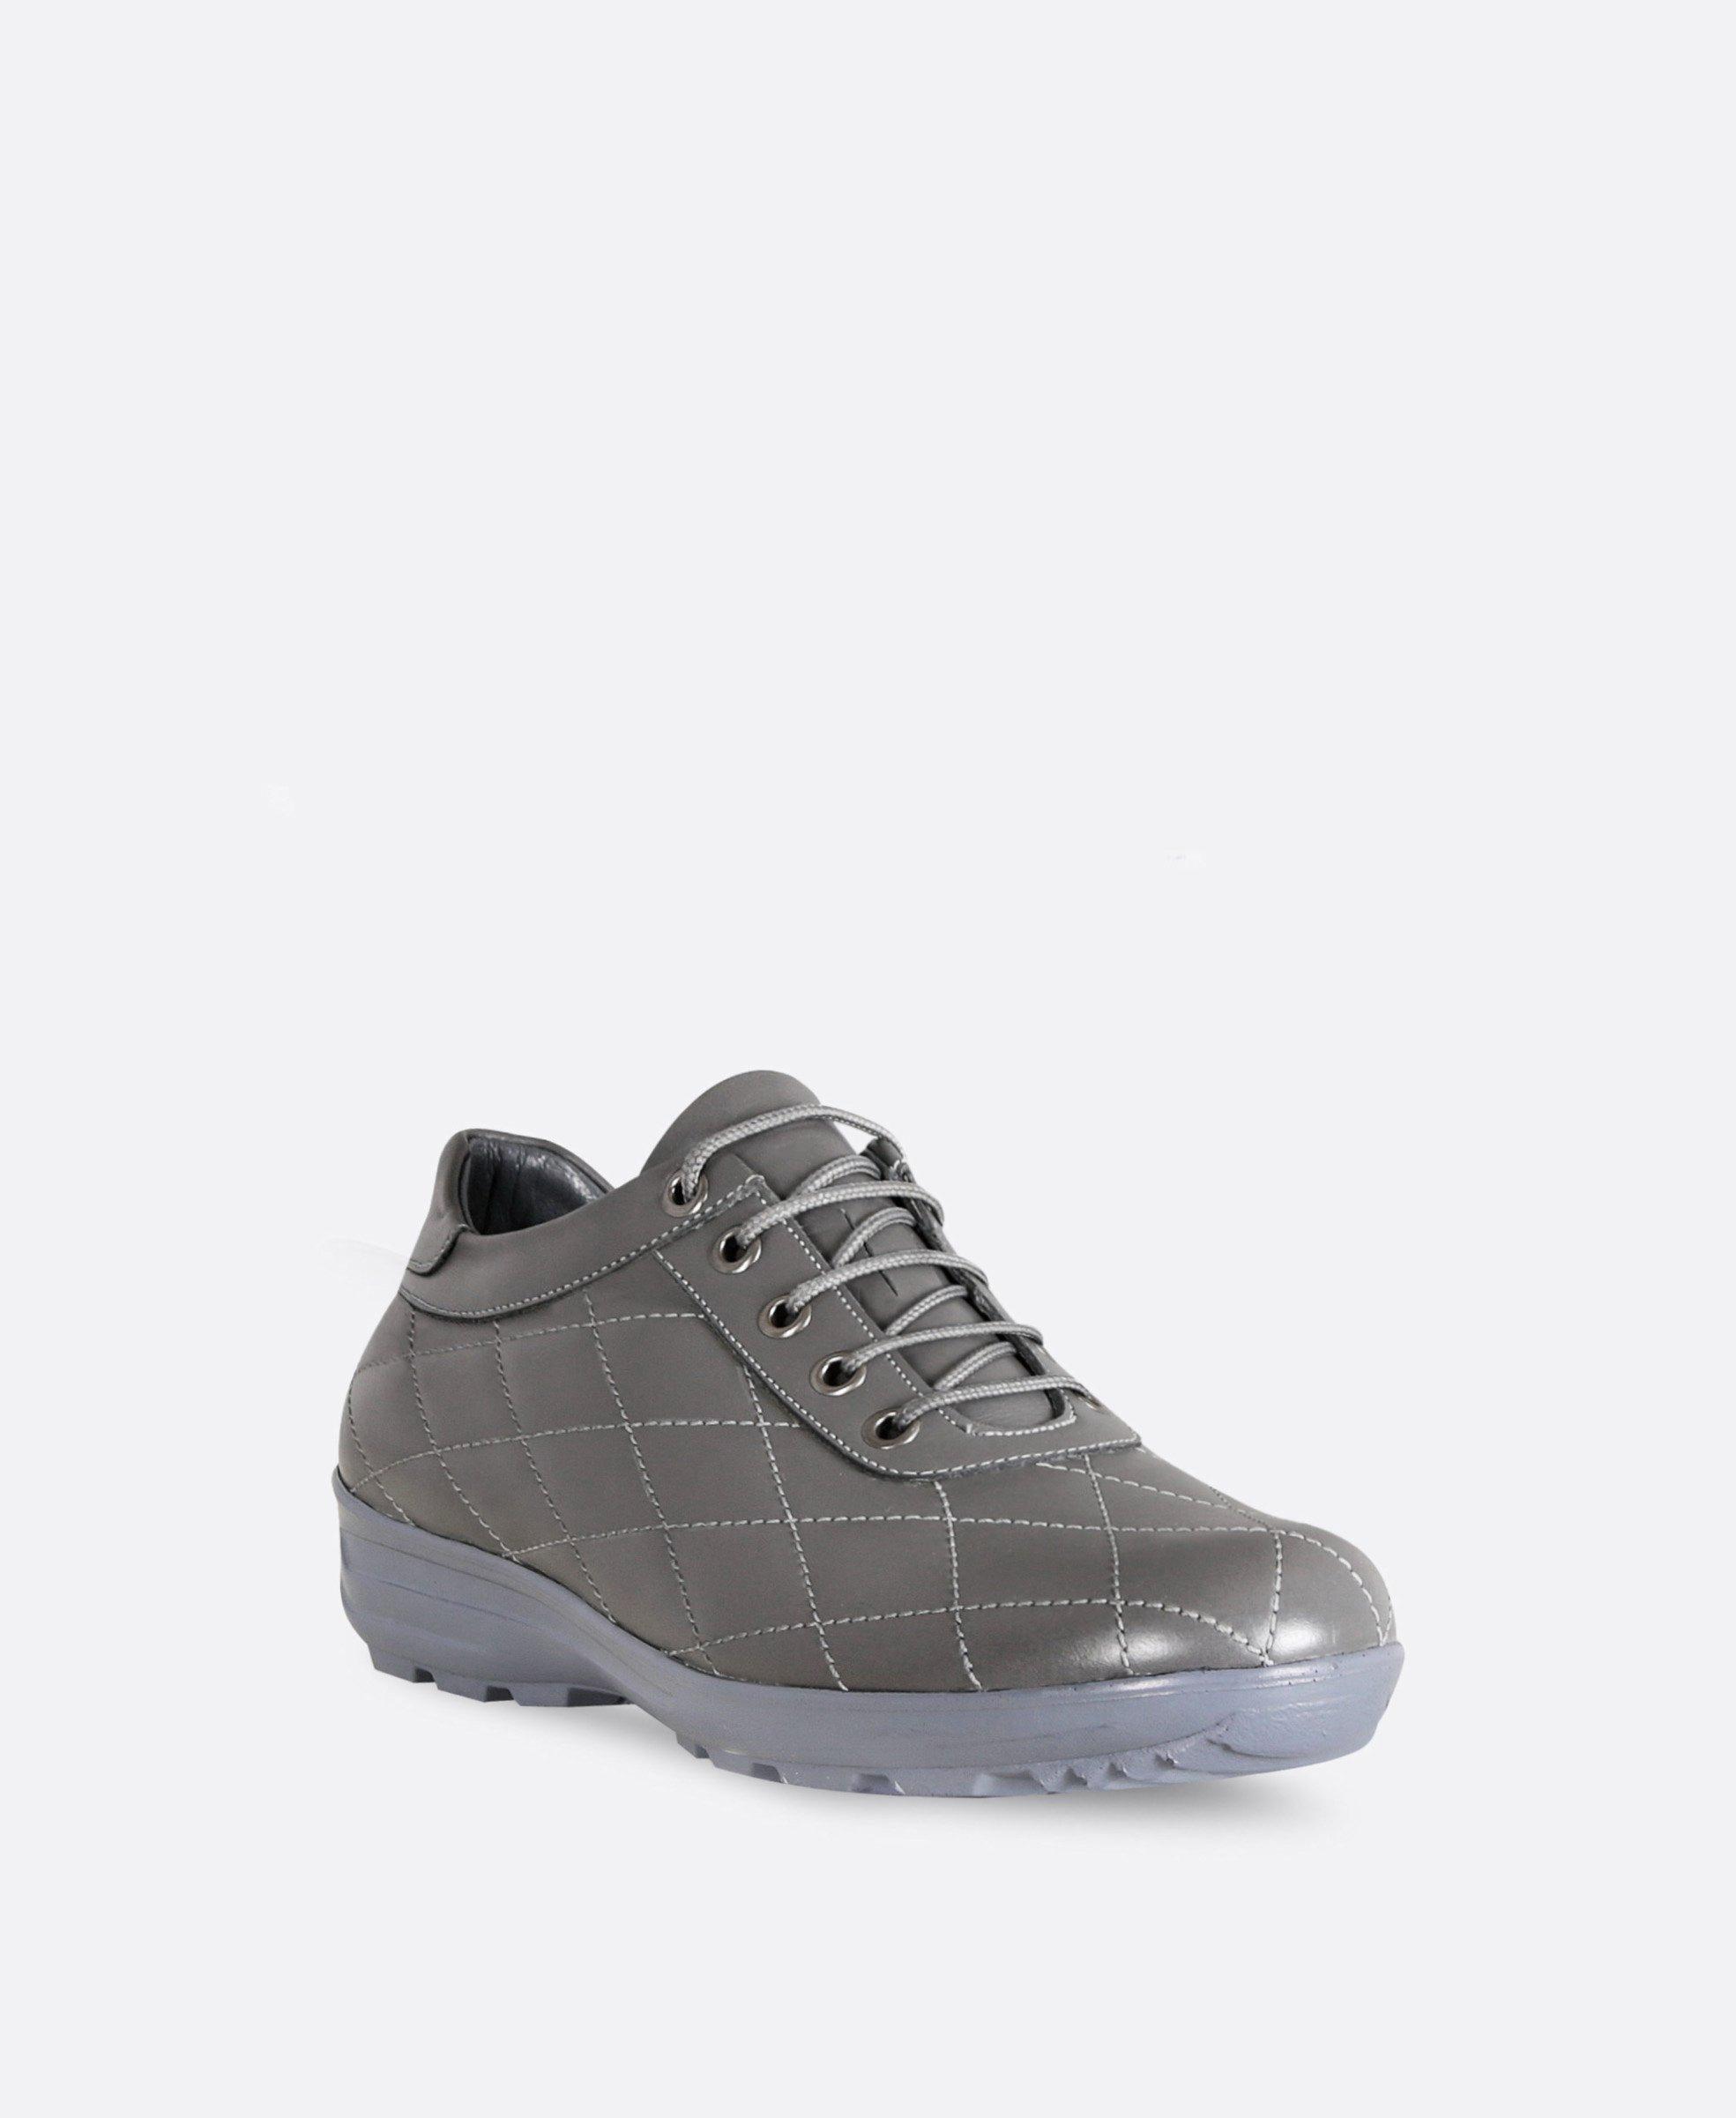 کفش کتانی زنانه چرم 0107